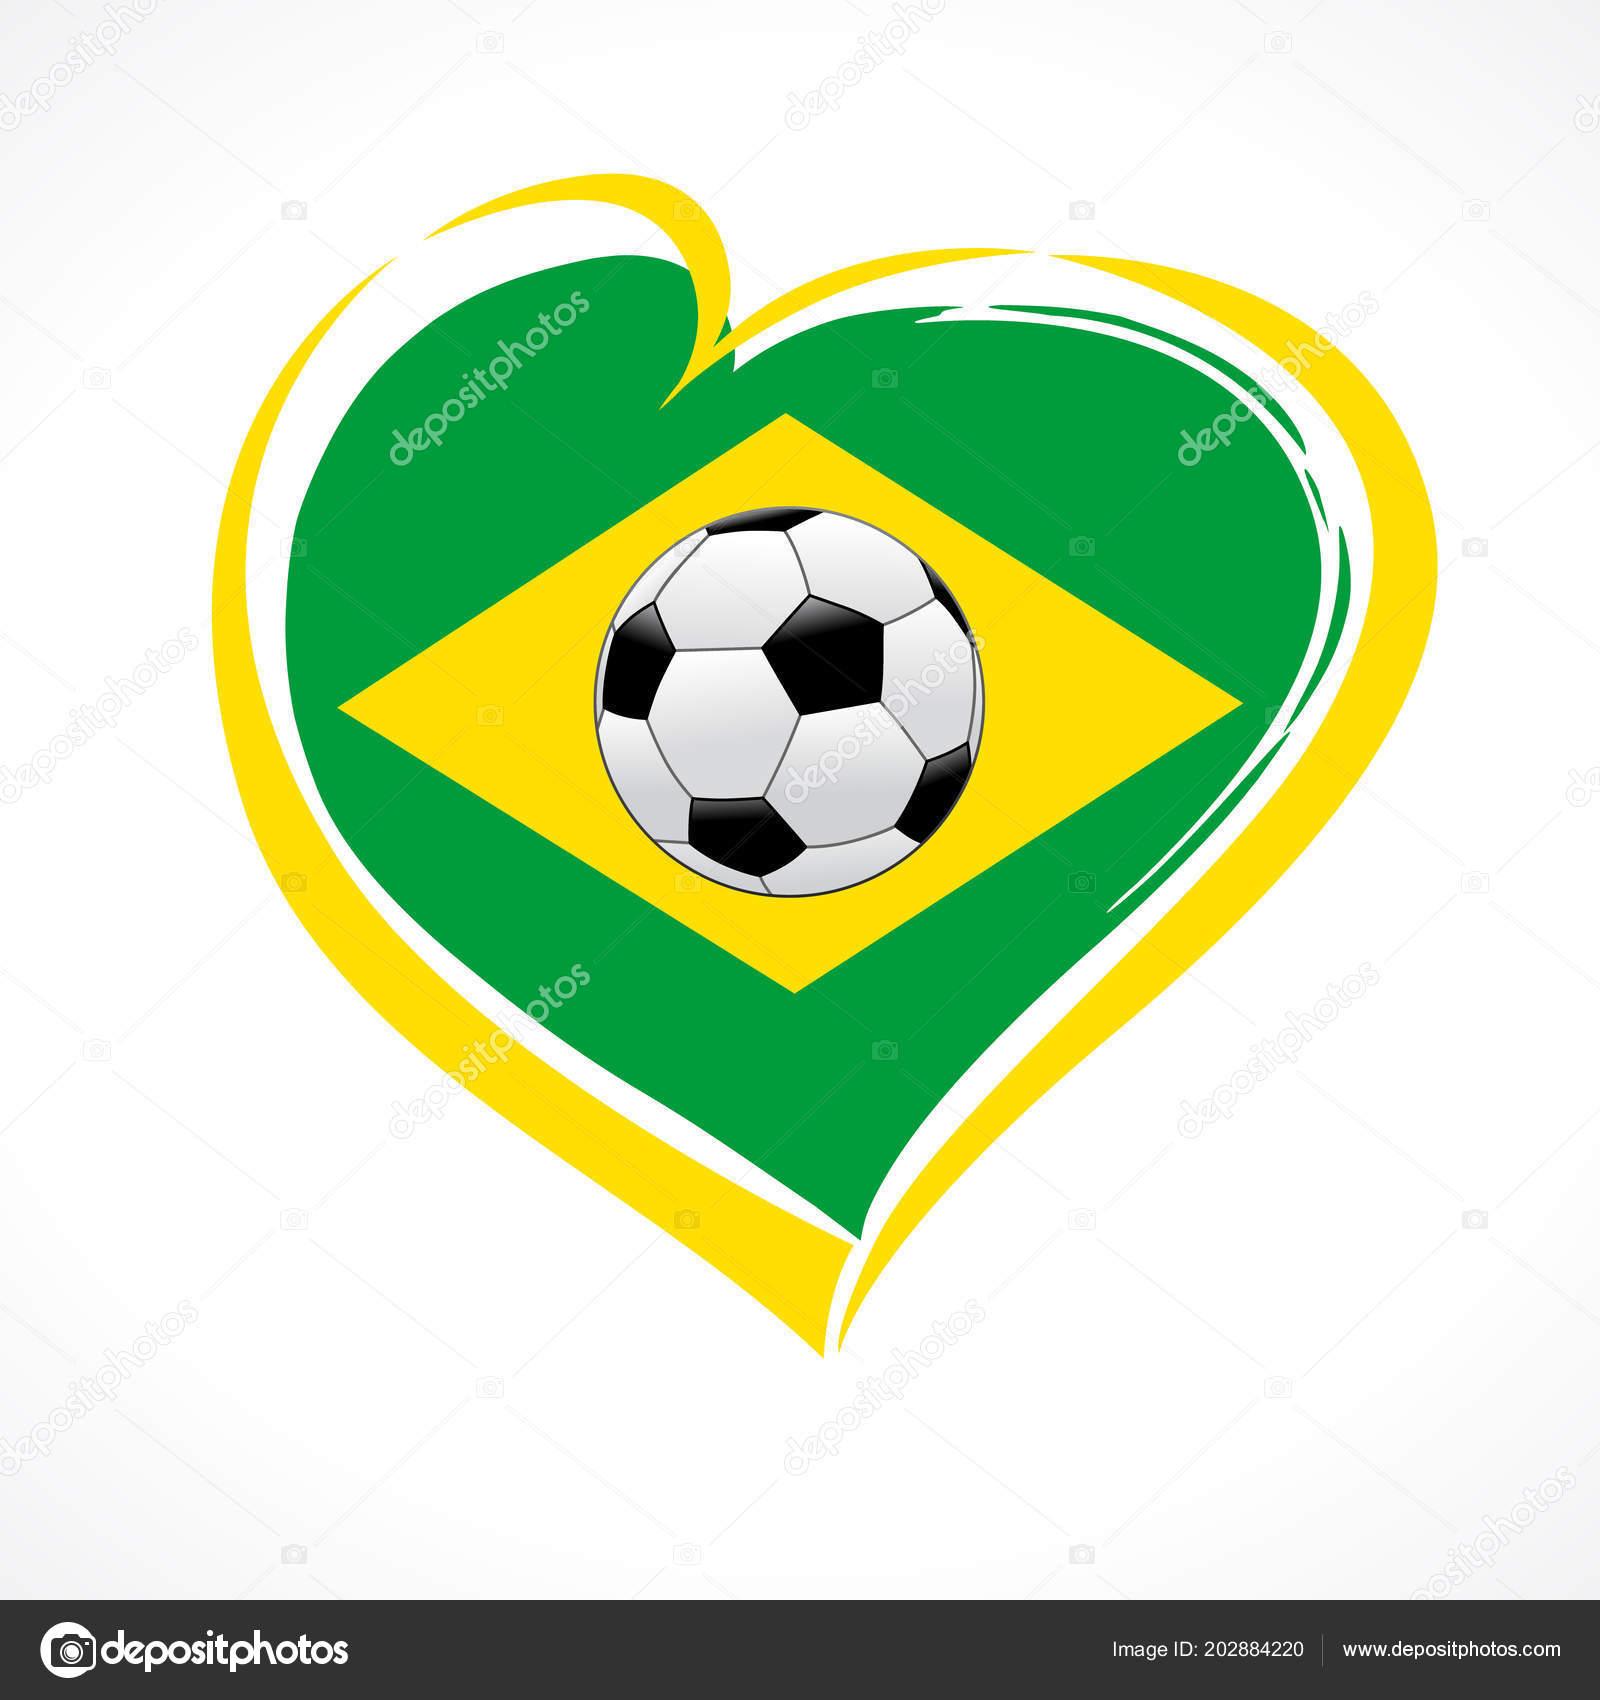 Emblema de Brasil de amor con corazón en color y futbol bola de la bandera  nacional. Banner de la competencia de torneo nacional brasileño de fútbol. e0f5ce12a8051